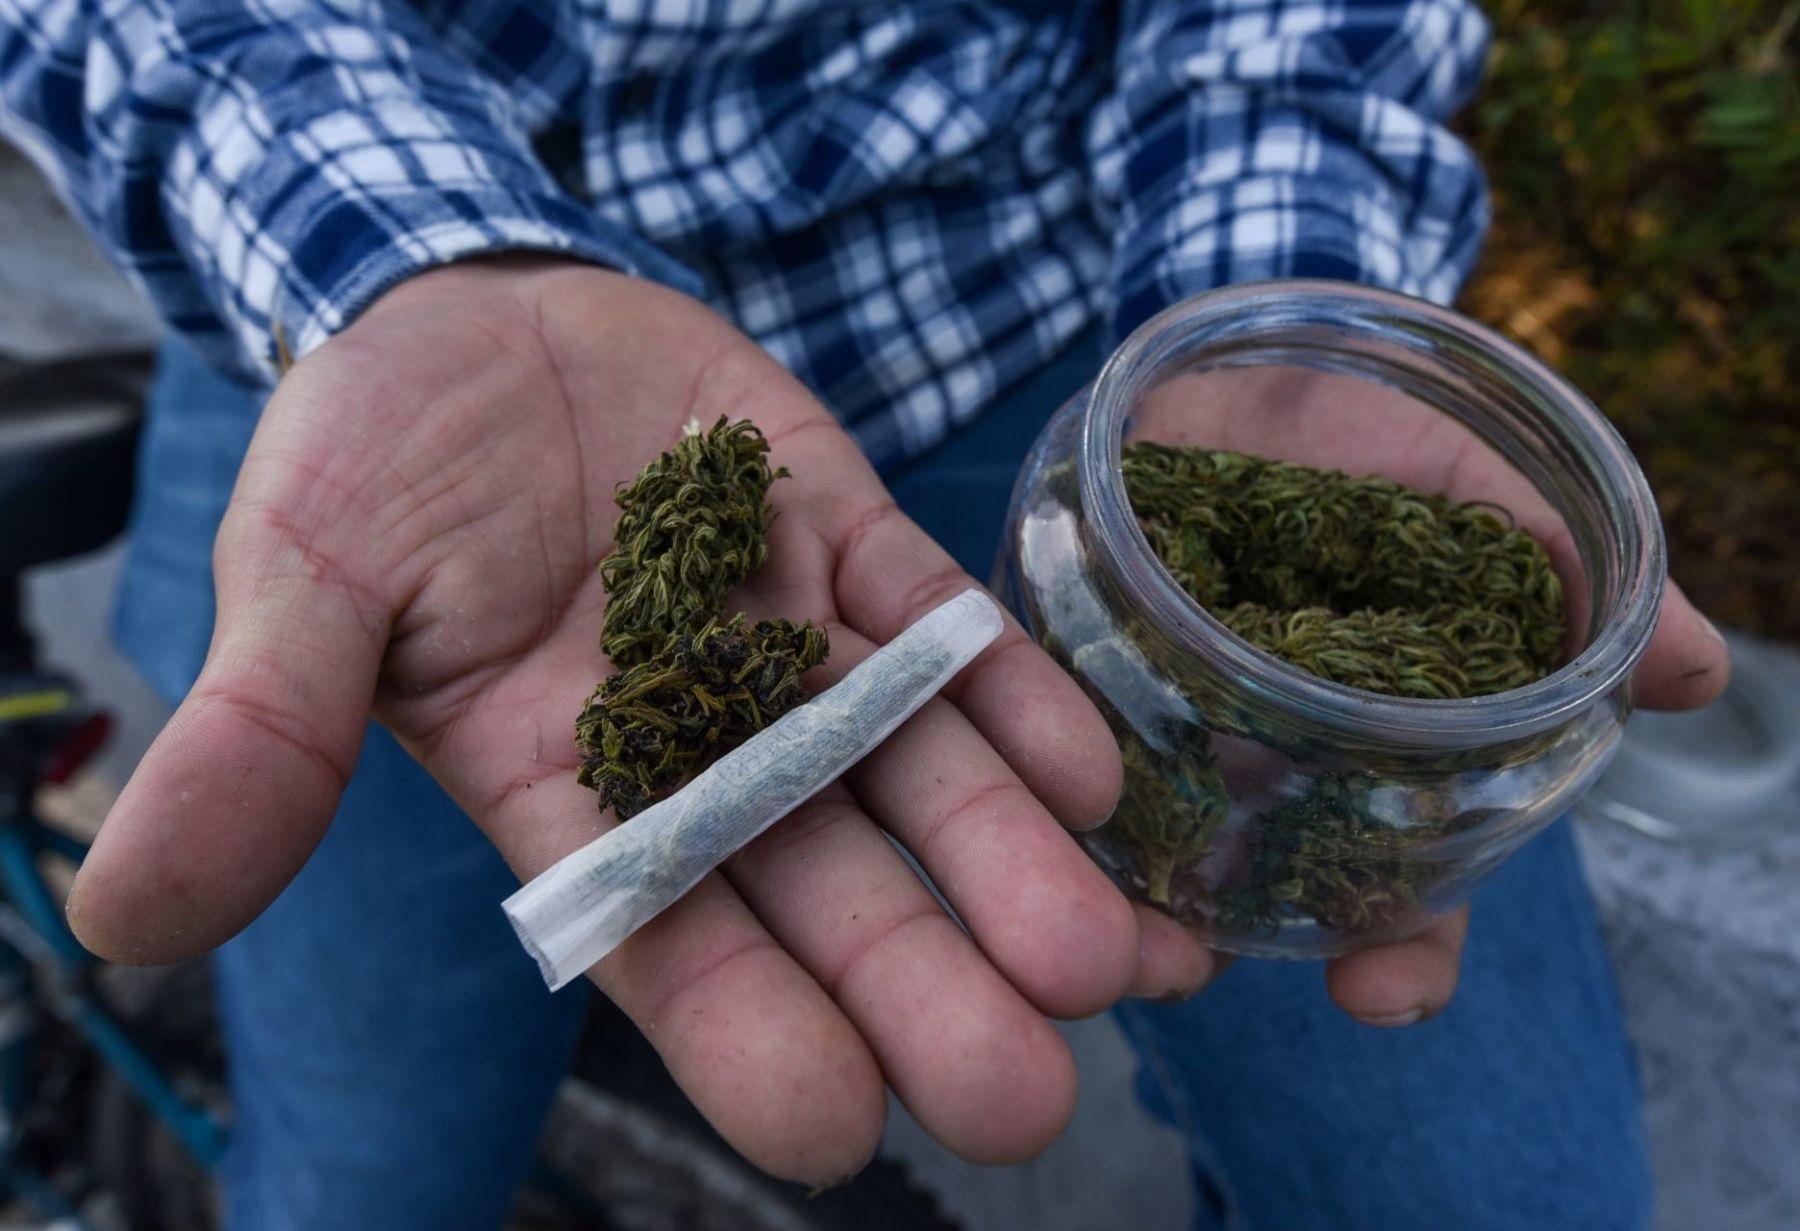 uso-medicinal-del-cannabis-reconocido-por.-organizaciones-mundiales